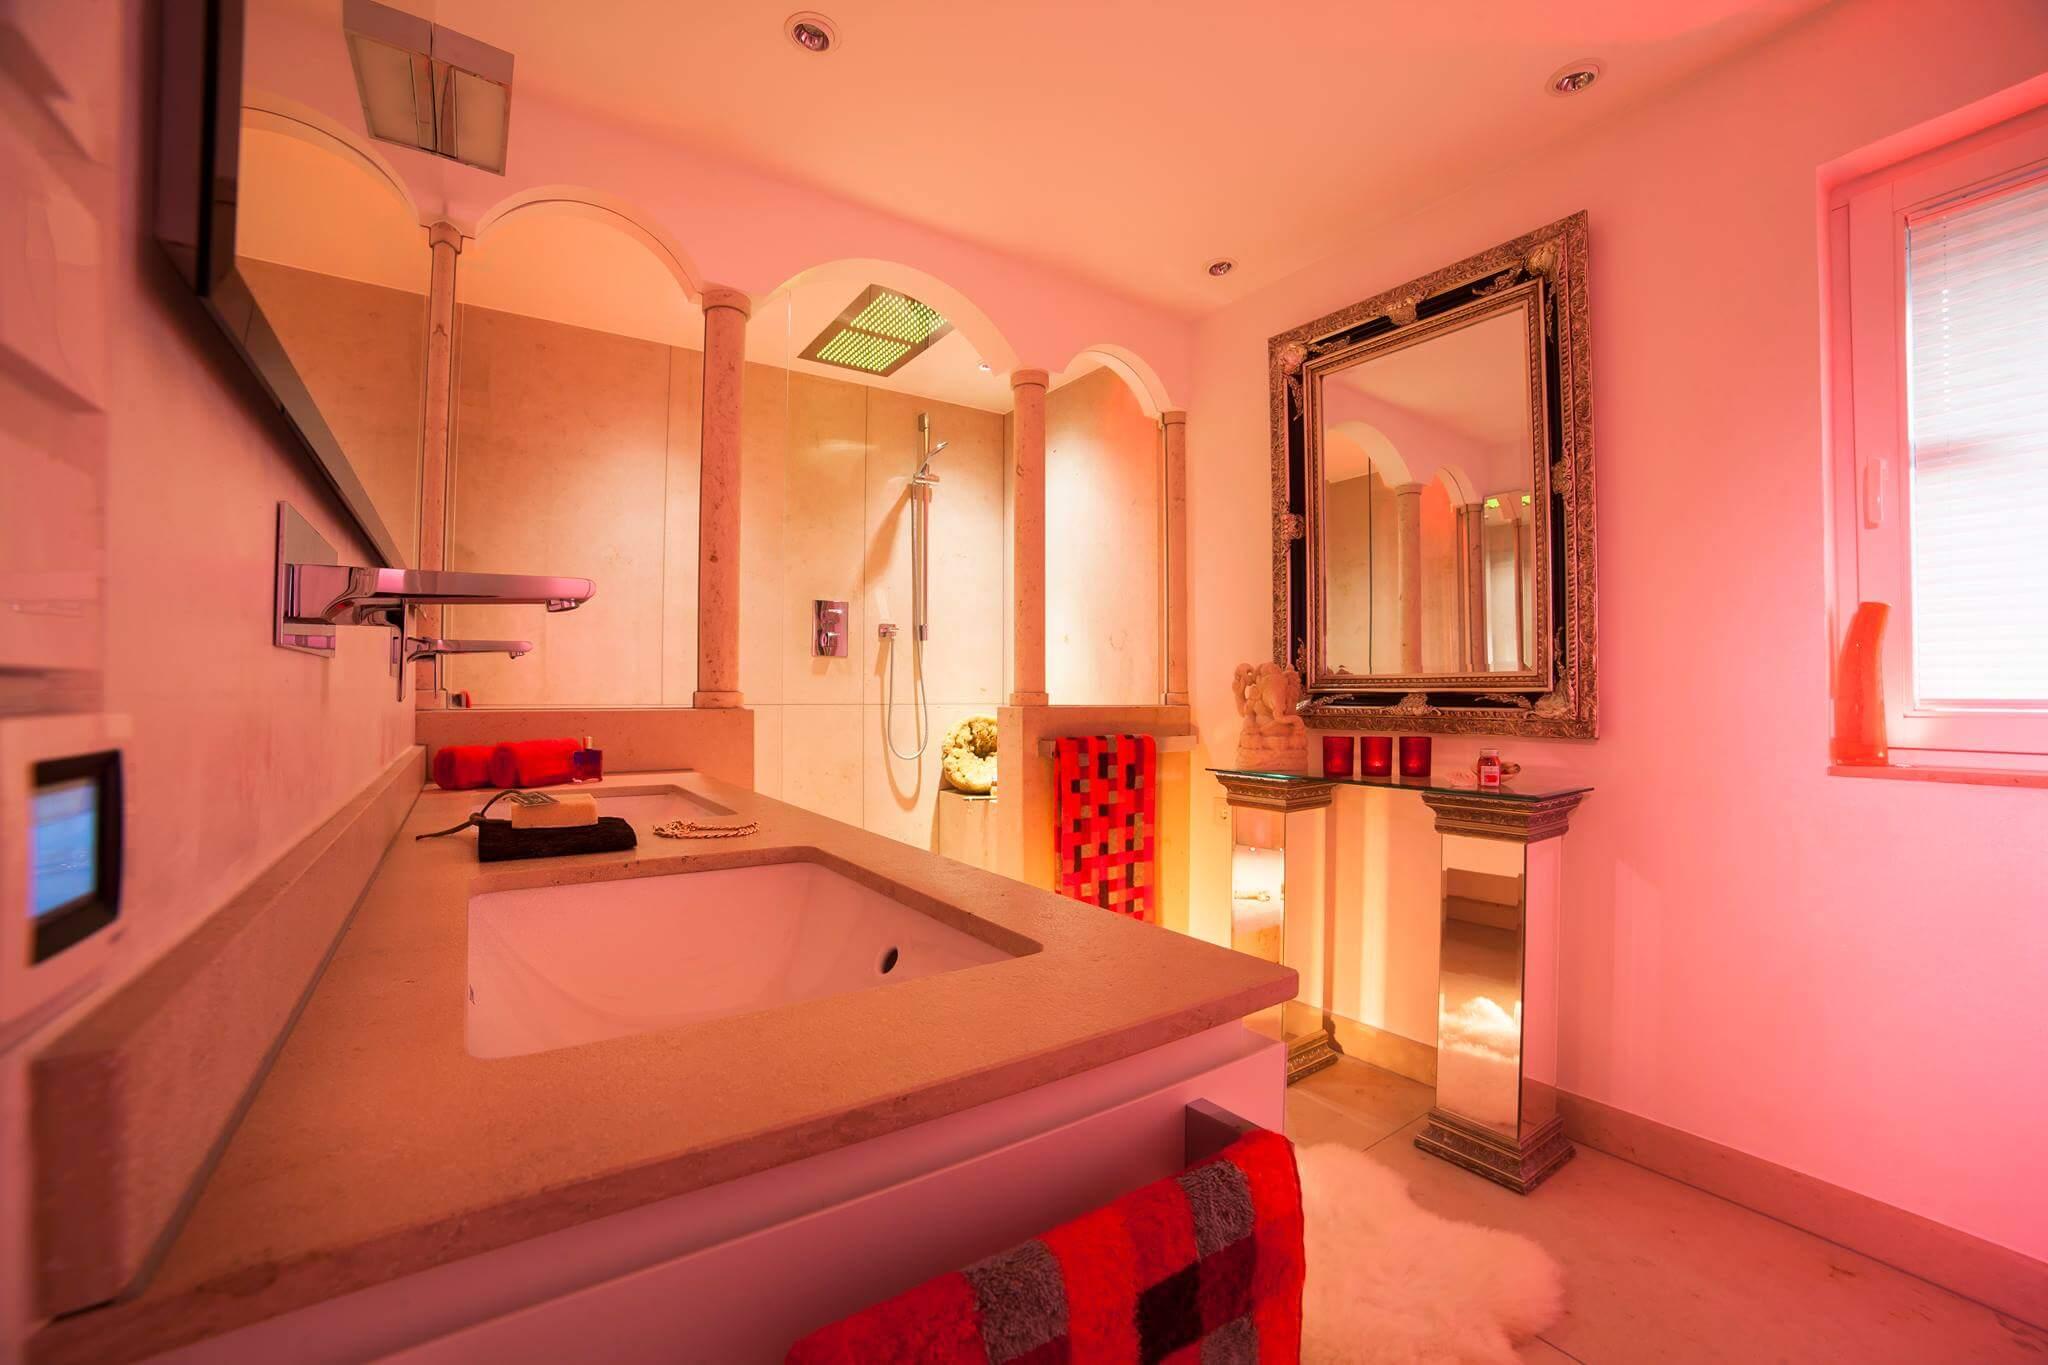 Waschtisch Anlage aus Jura Marmor mit Dusche Regendusche oder Duschen im Monsun-Regen mit dem Spa und Bad Designer Torsten Müller